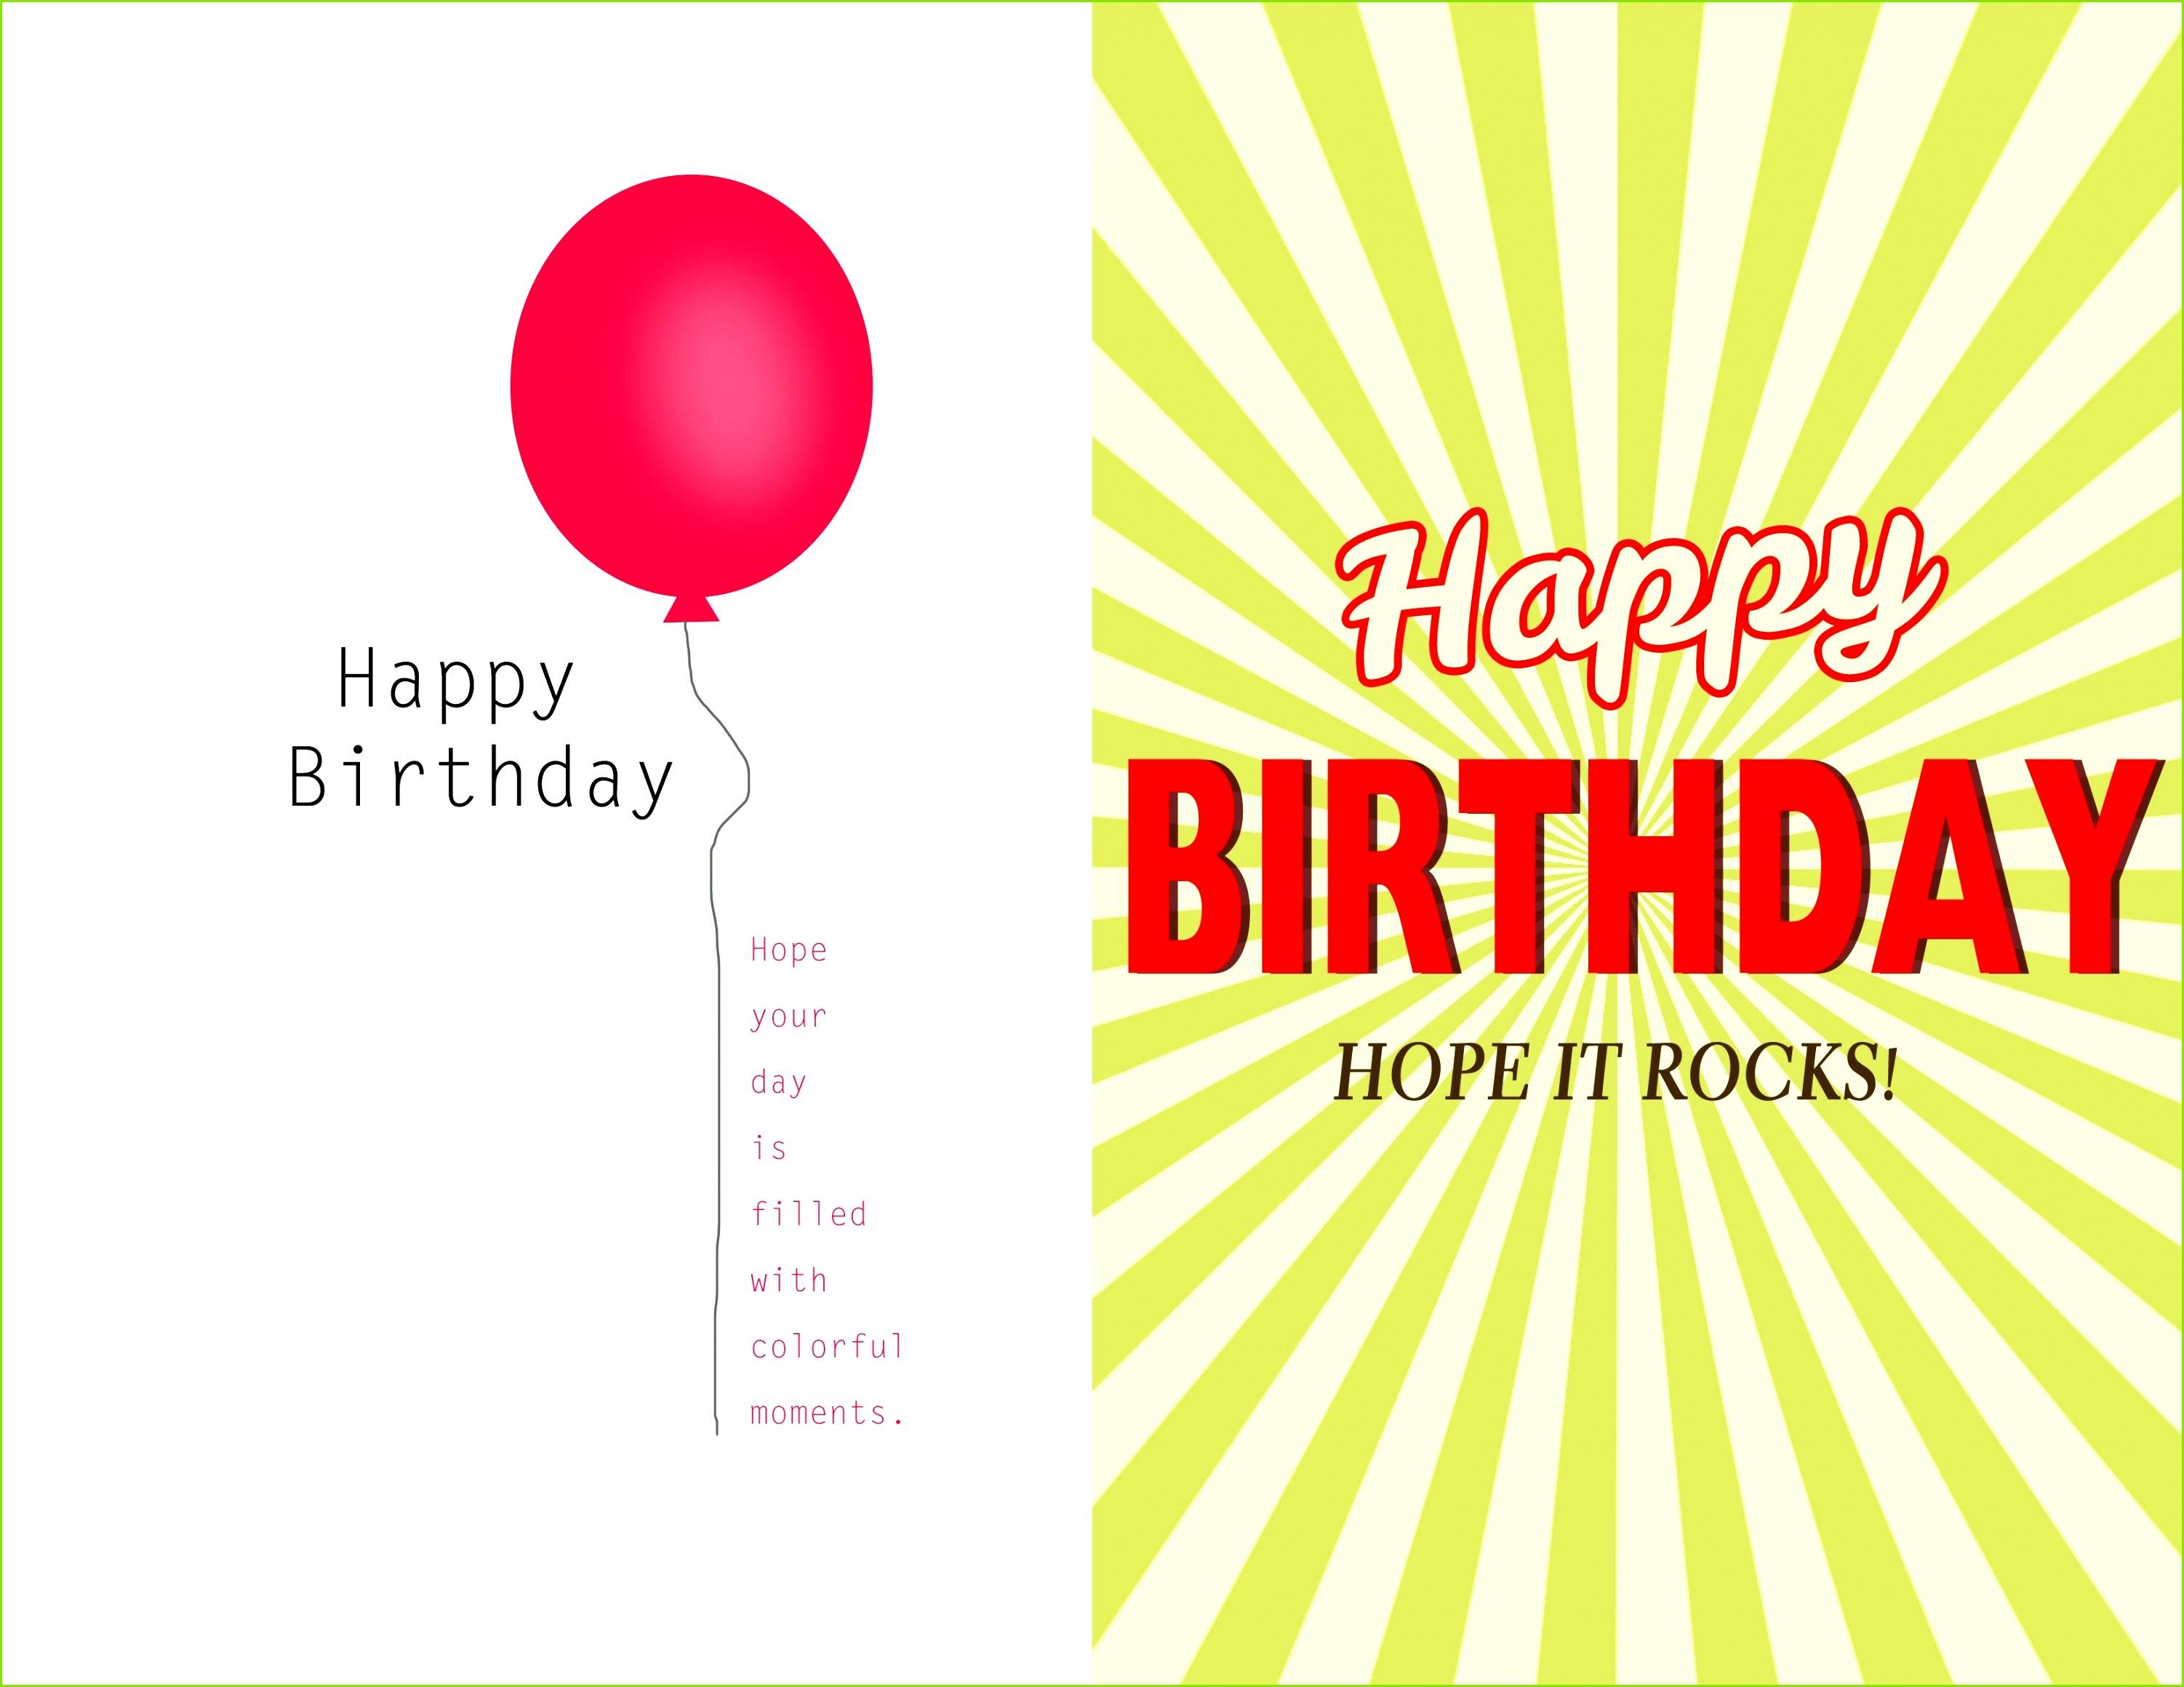 Coole Geburtstagskarten Ziemlich Geburtstagskarte Vorlage Zum Ausdrucken Ideen coole geburtstagskarten 0D